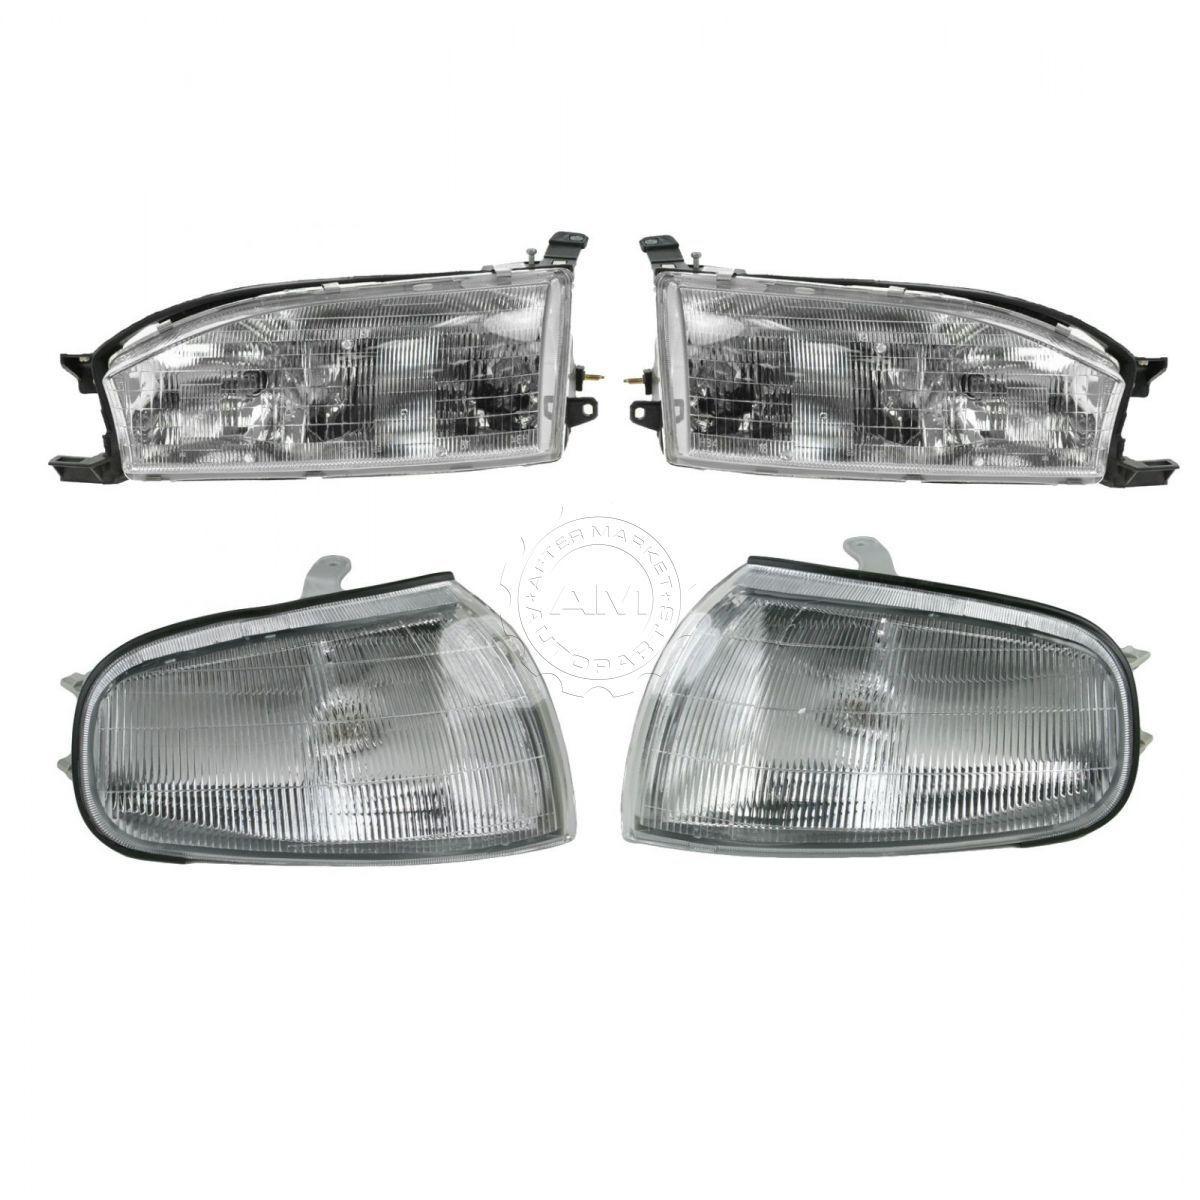 コーナーライト Headlights & Parking Corner Lights Left & Right Kit Set for 92-94 Toyota Camry ヘッドライト& 駐車コーナーライト左& 92-94トヨタカムリ用右キットセット